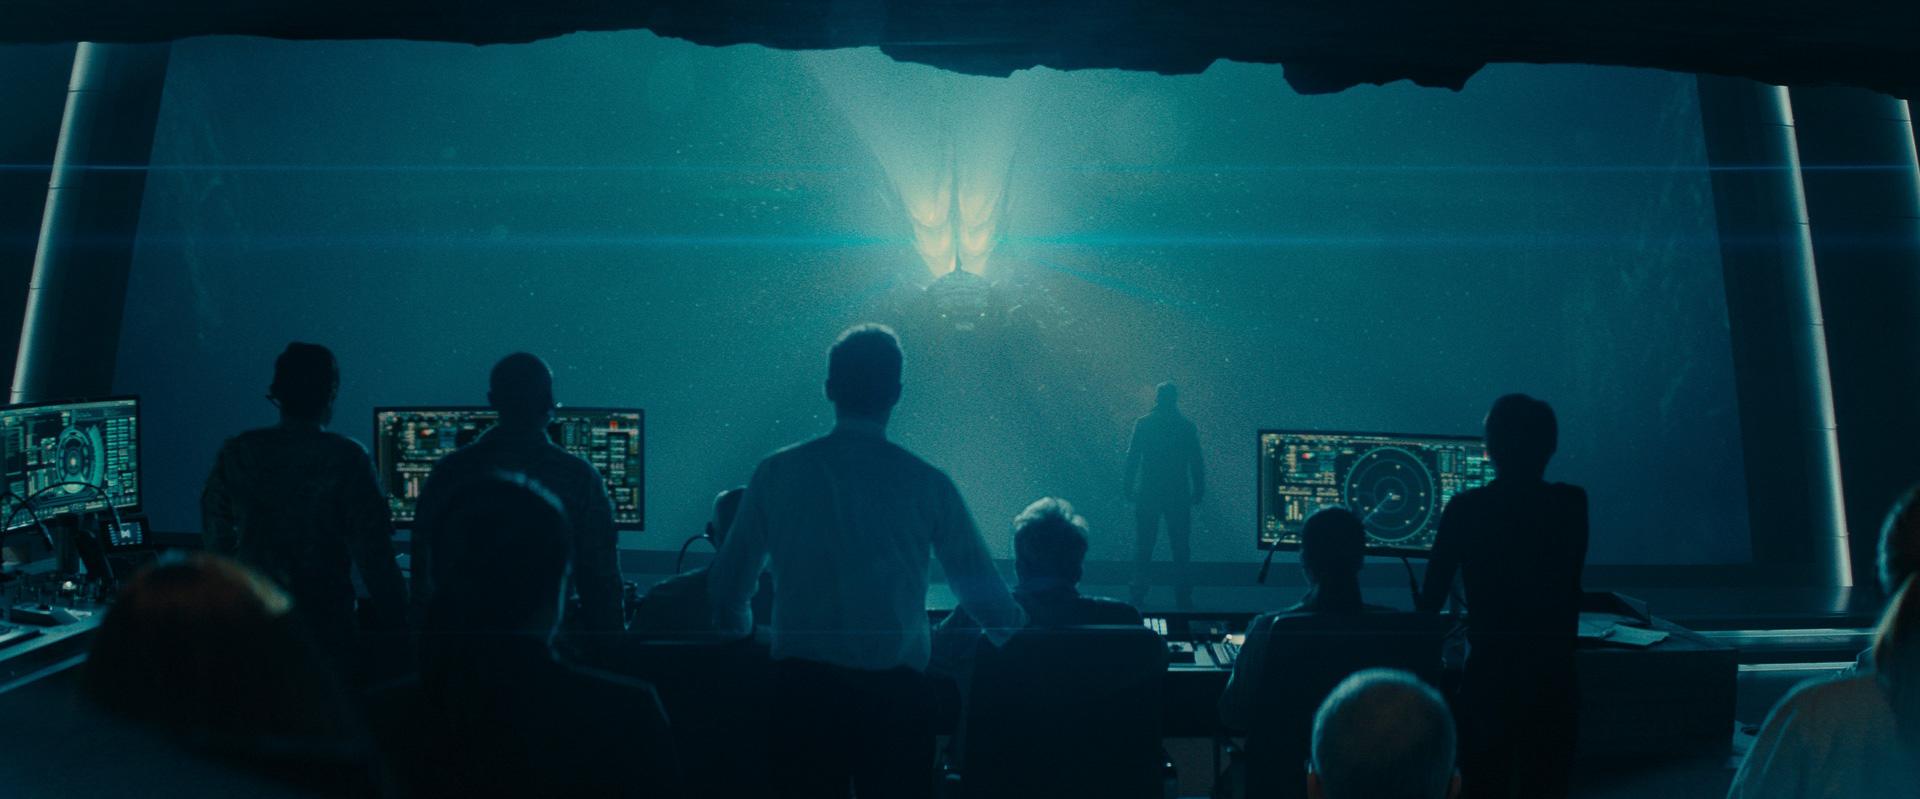 Godzilla_5.jpg